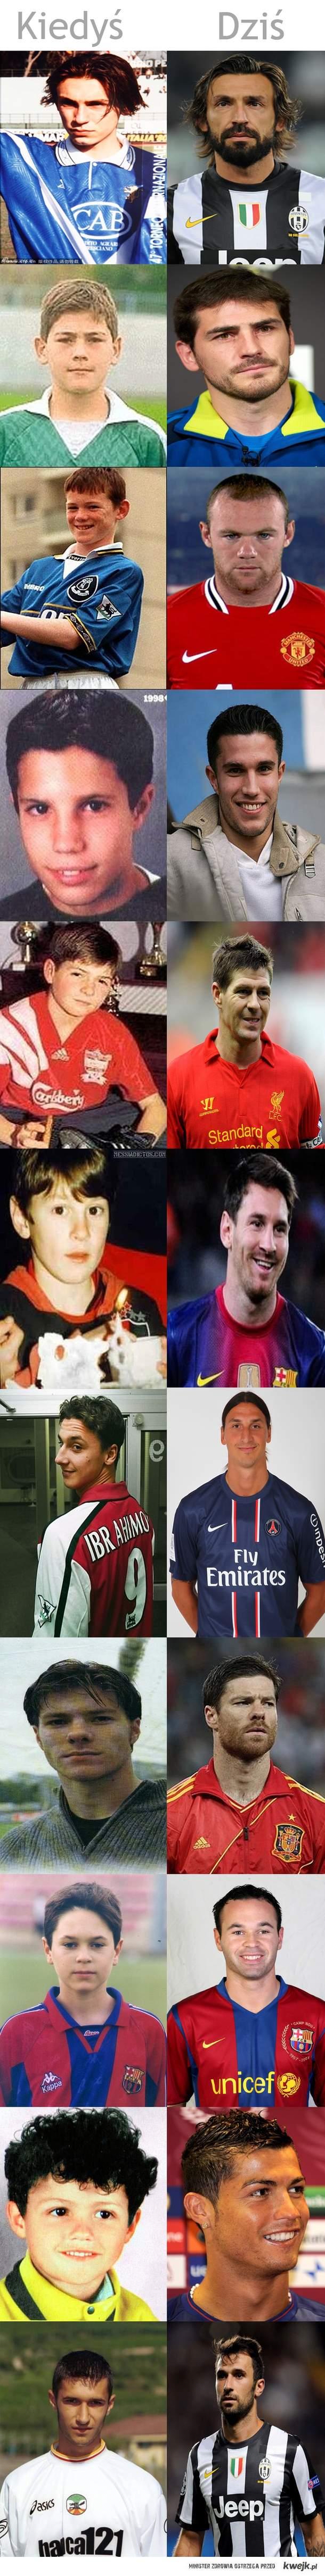 Gwiazdy piłki nożnej, kiedyś i dziś